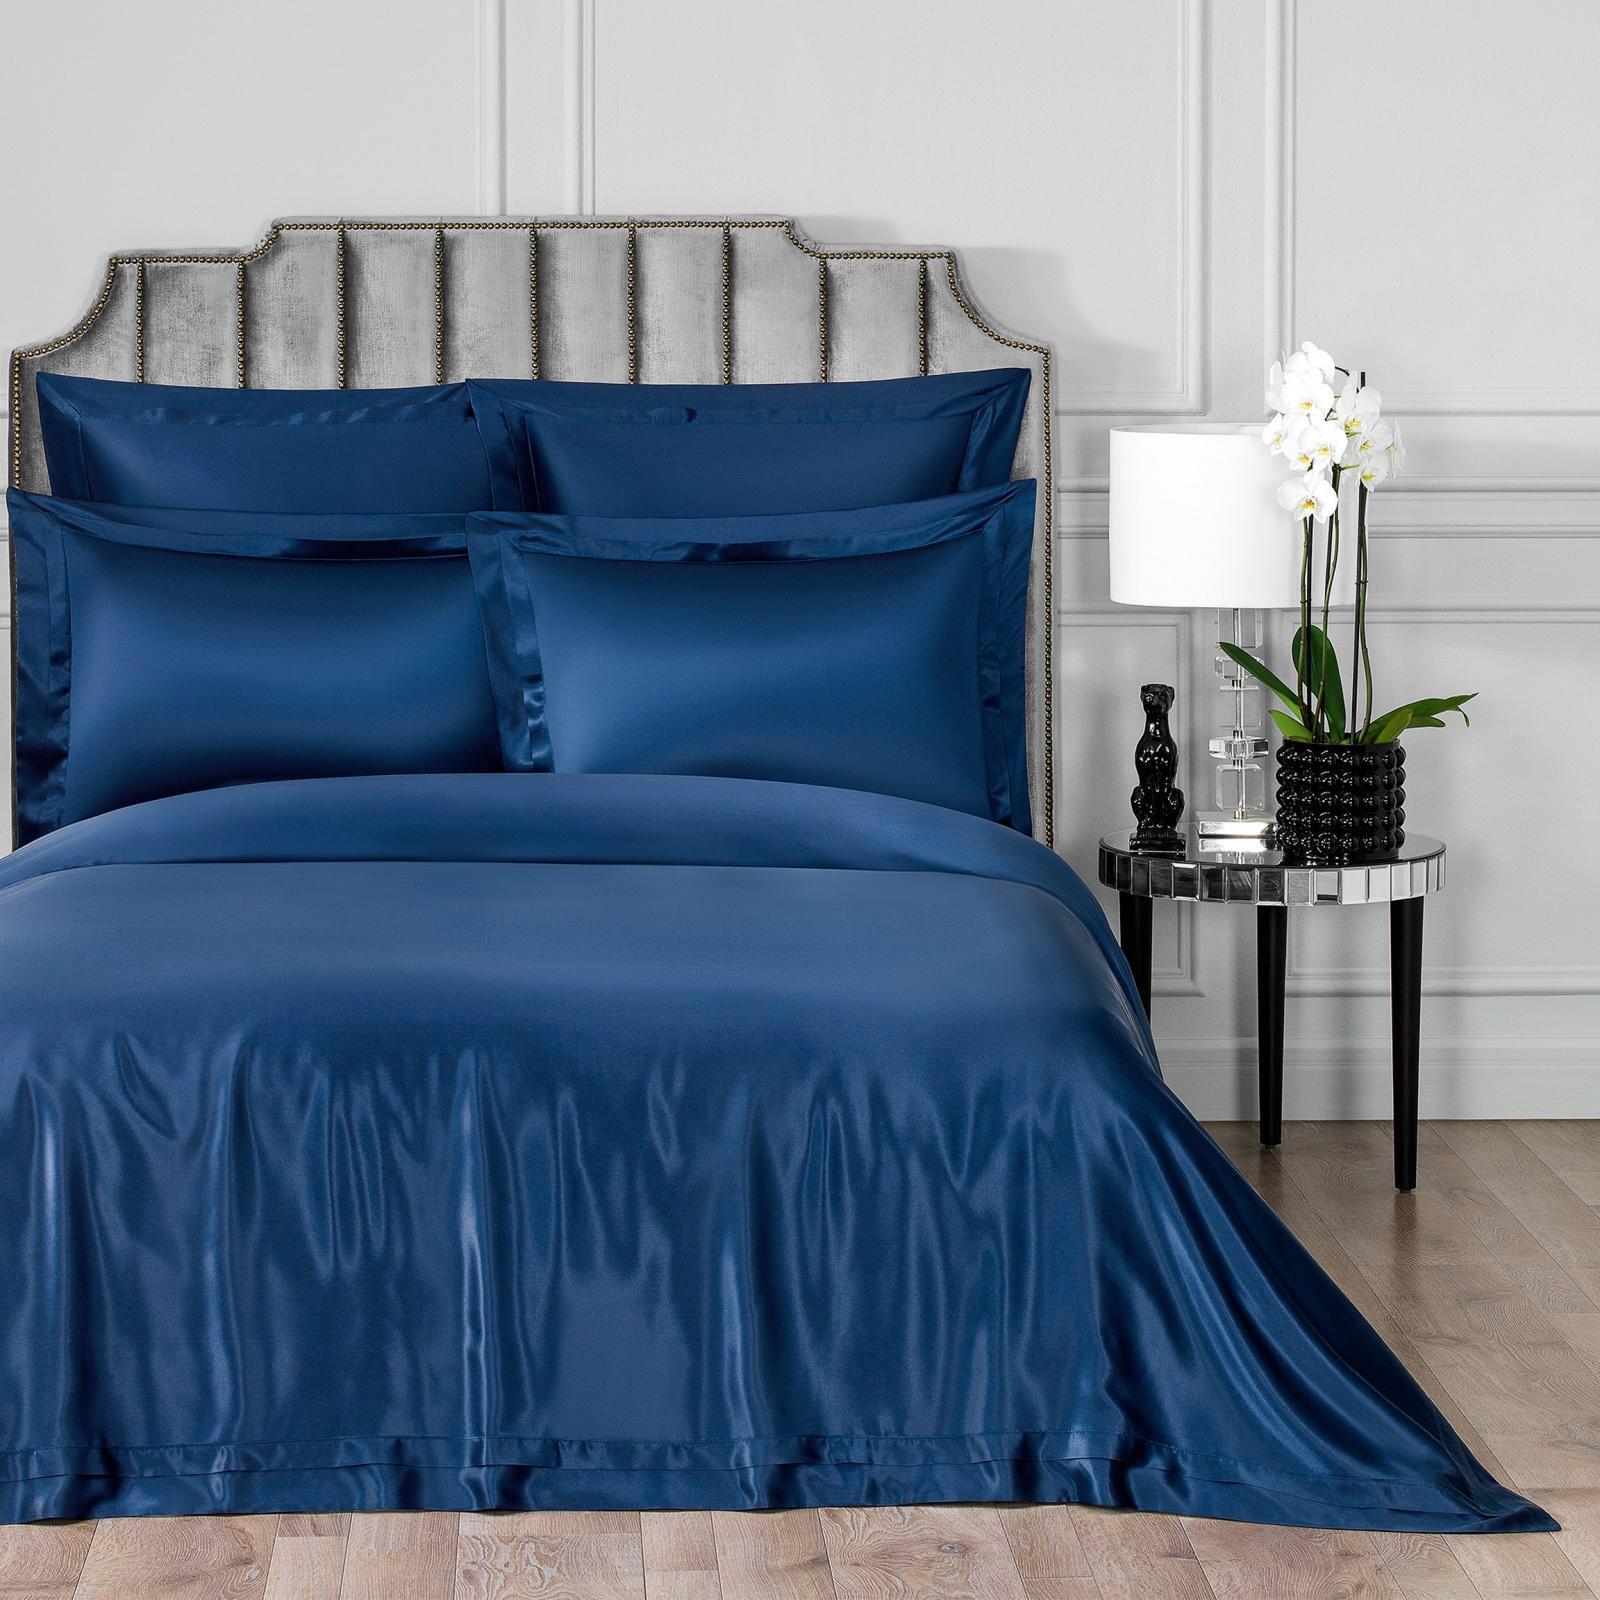 Постельный комплект Togas Элит темно-синий двуспальный